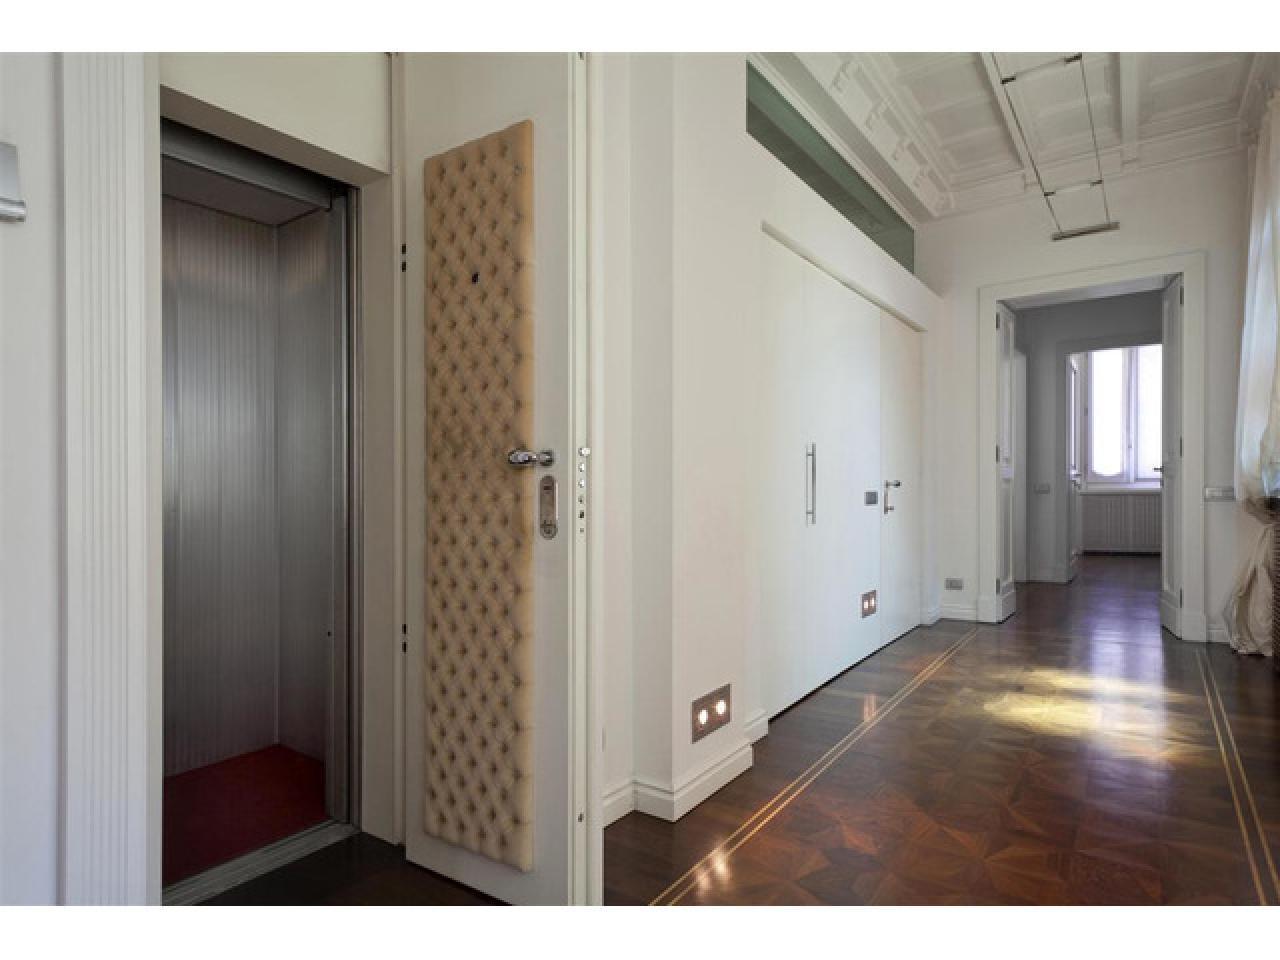 Апартаменты в старинном особняке в историческом центре города Комо (Италия) - 6